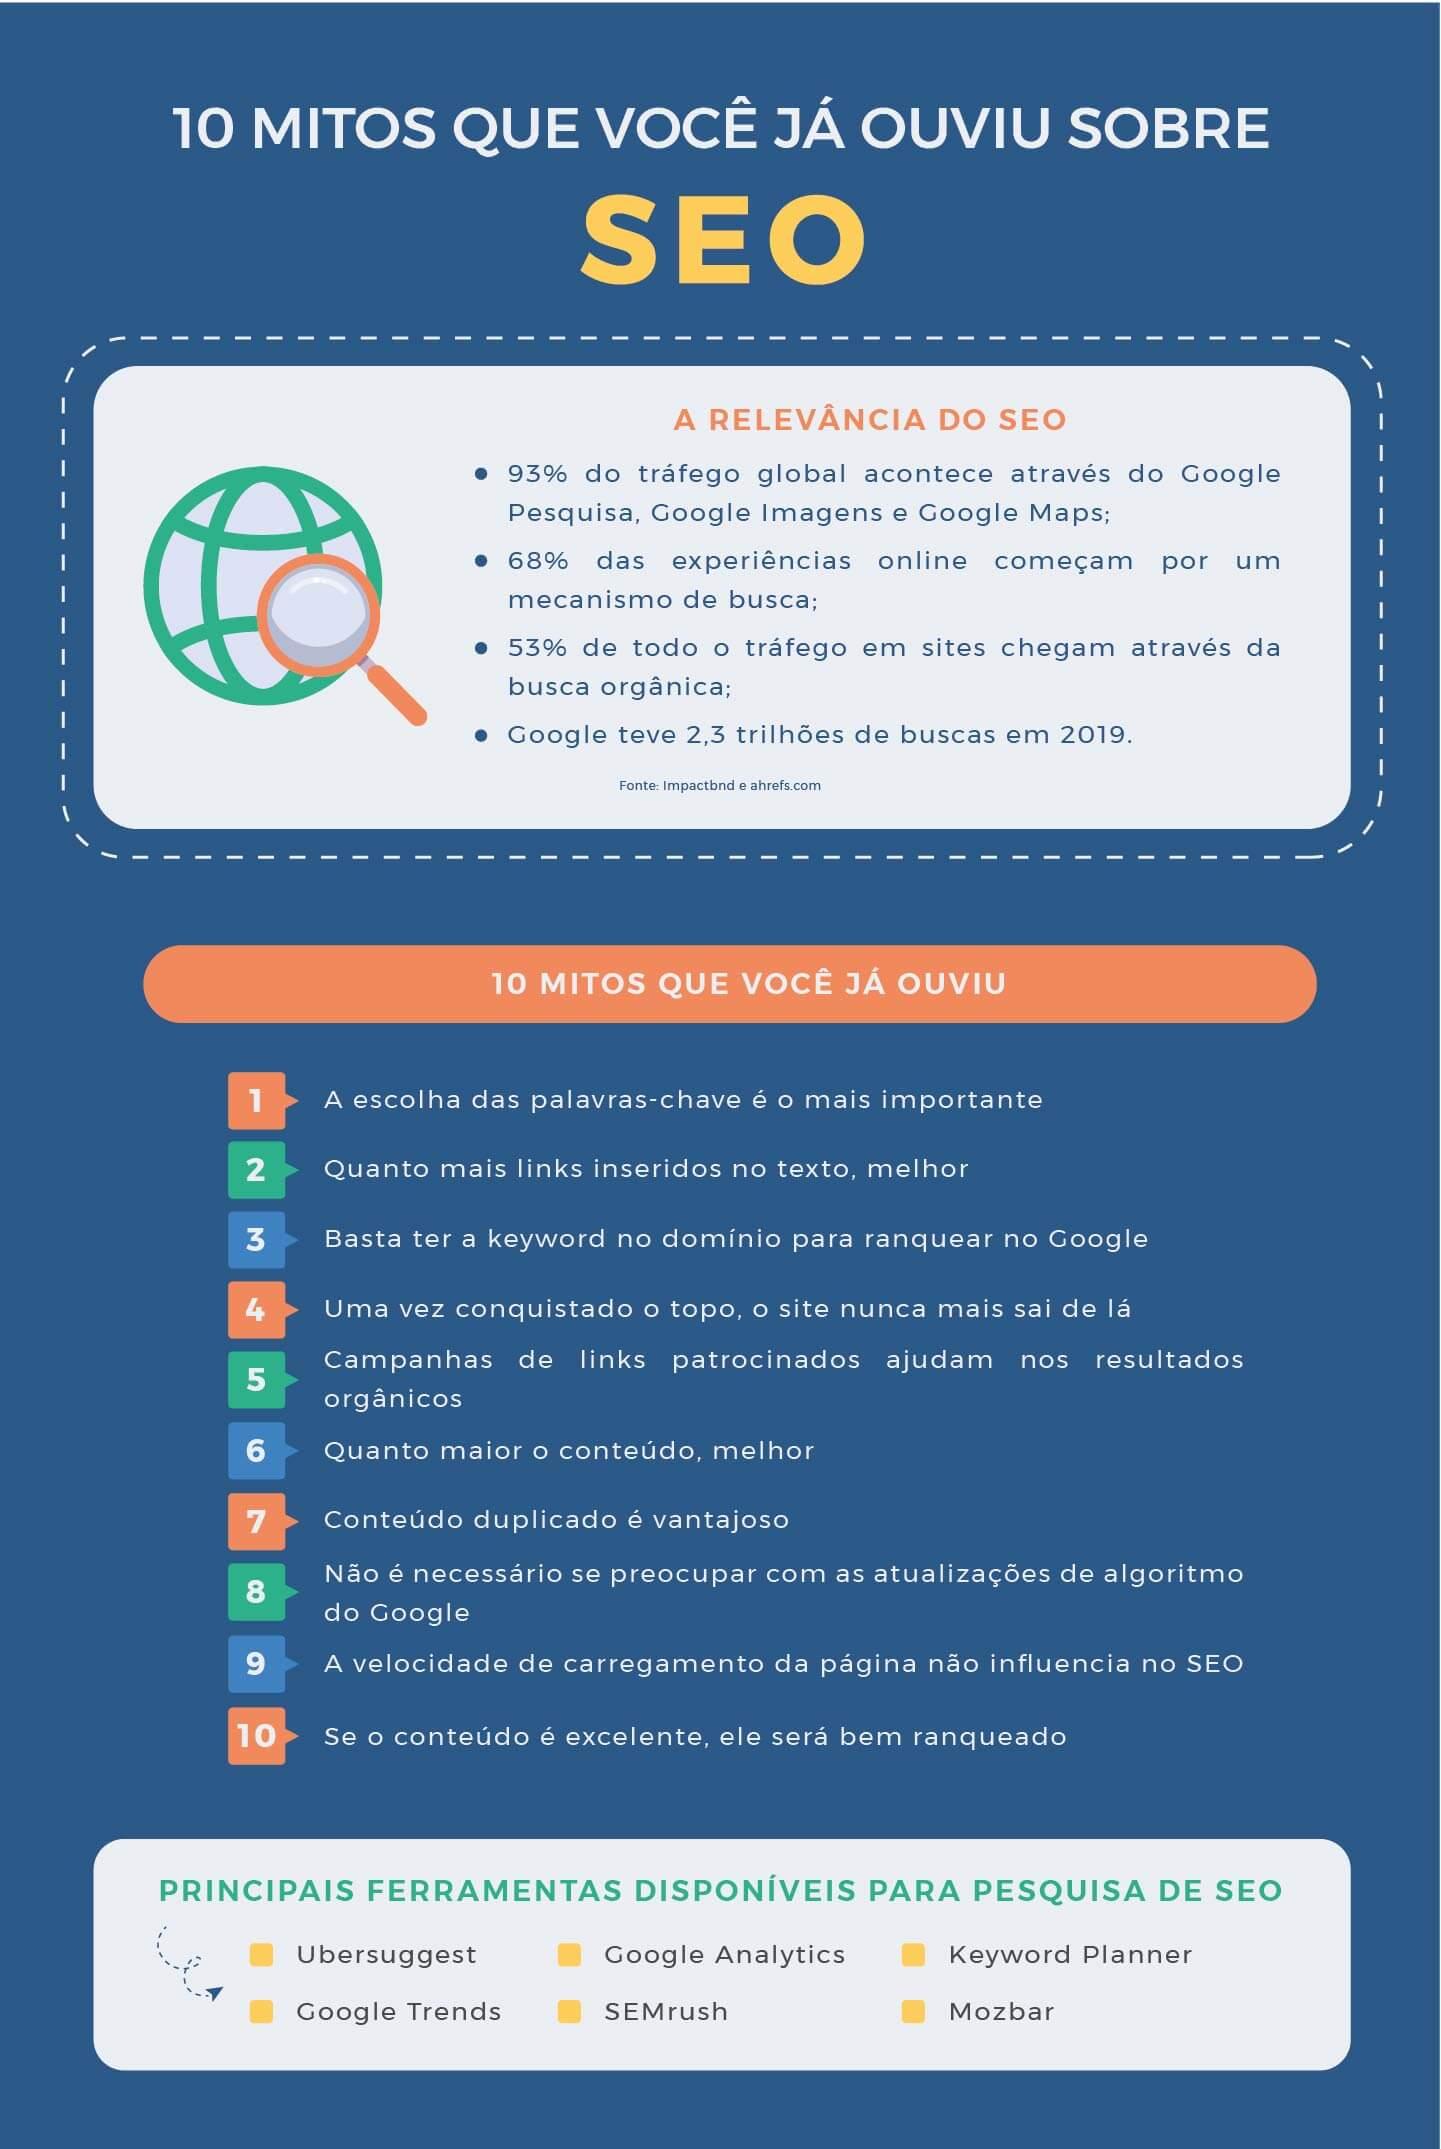 infografico 10 mitos de SEO